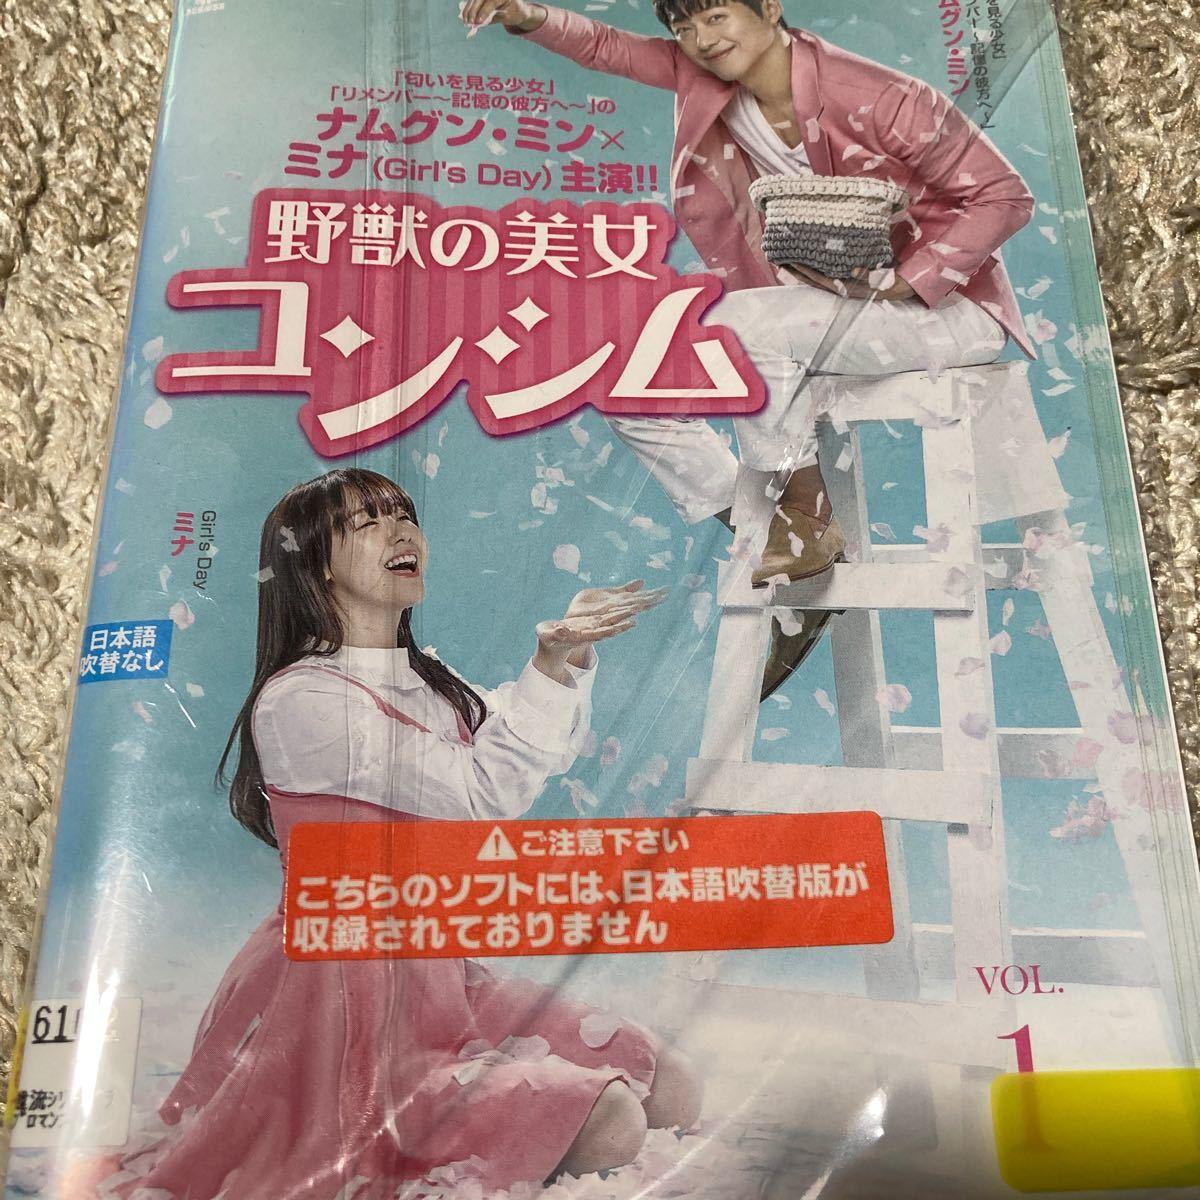 野獣の美女コンシム★全巻セット DVD 韓国ドラマ★レンタル落ち品